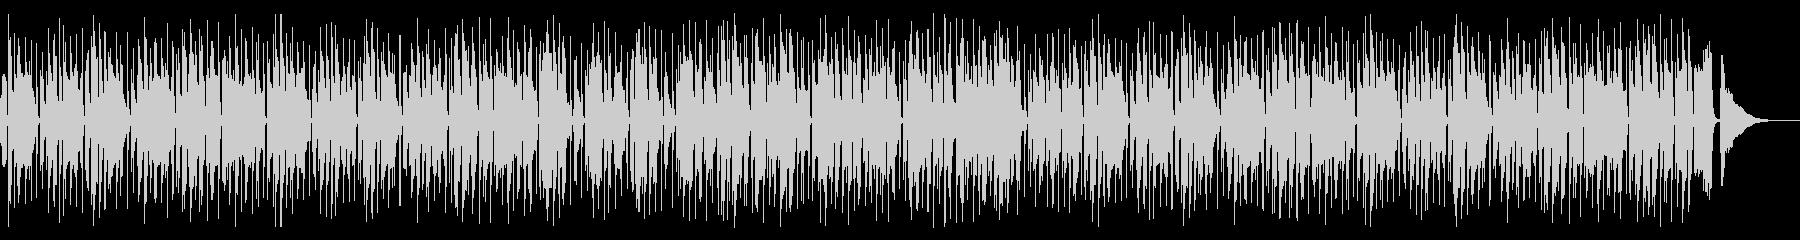 リコーダーがのどかなジプシージャズの未再生の波形